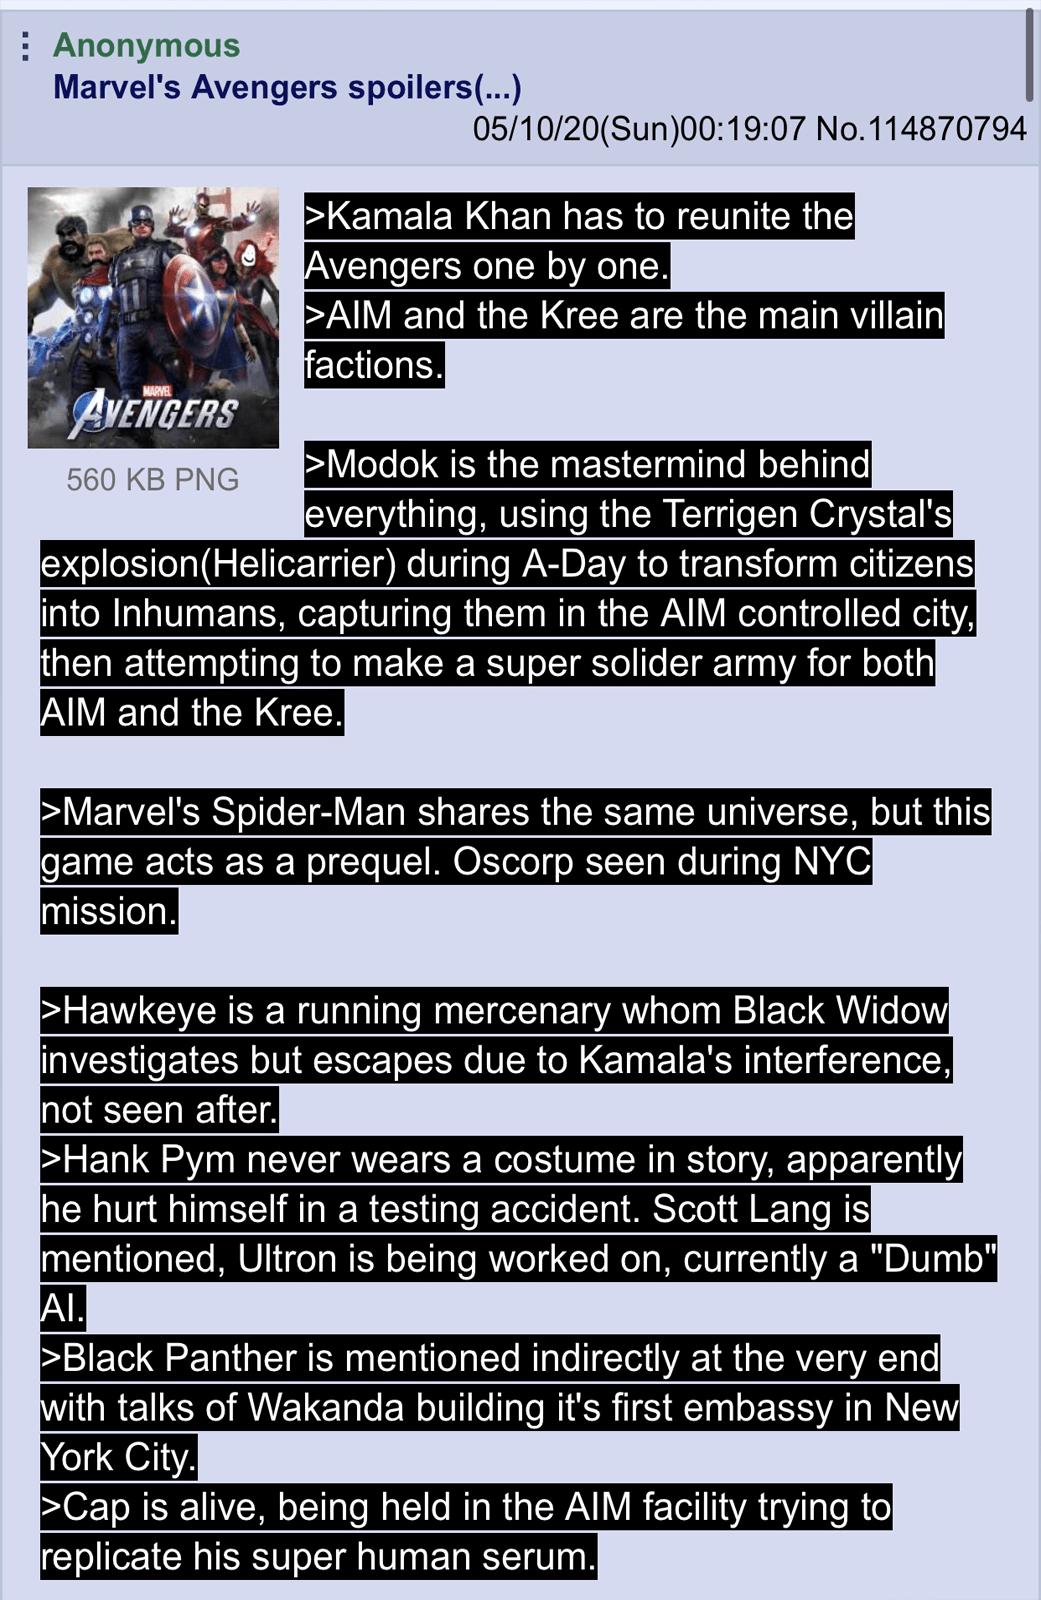 Rumor: New Leaks for Marvel's Avengers Reveals Game's Main Villain and Ending Featuring Kamala Khan